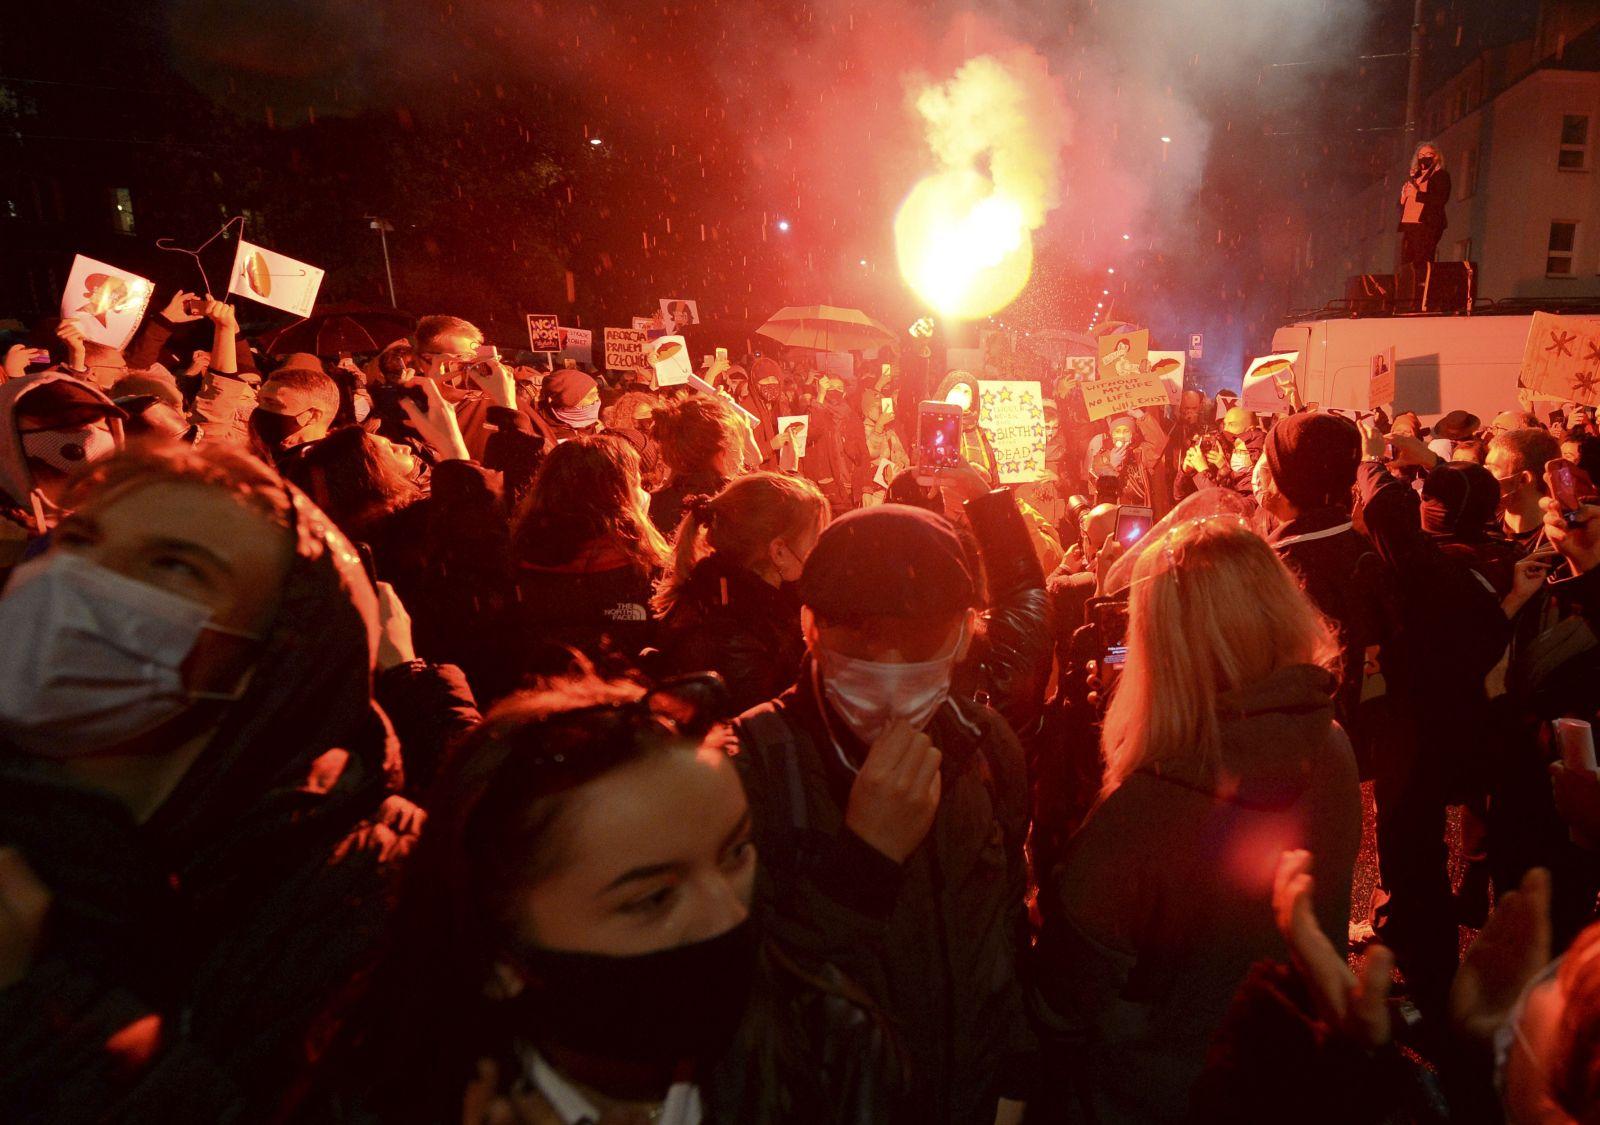 V Poľsku zakázali takmer všetky potraty. Tisícky žien protestujú v uliciach miest